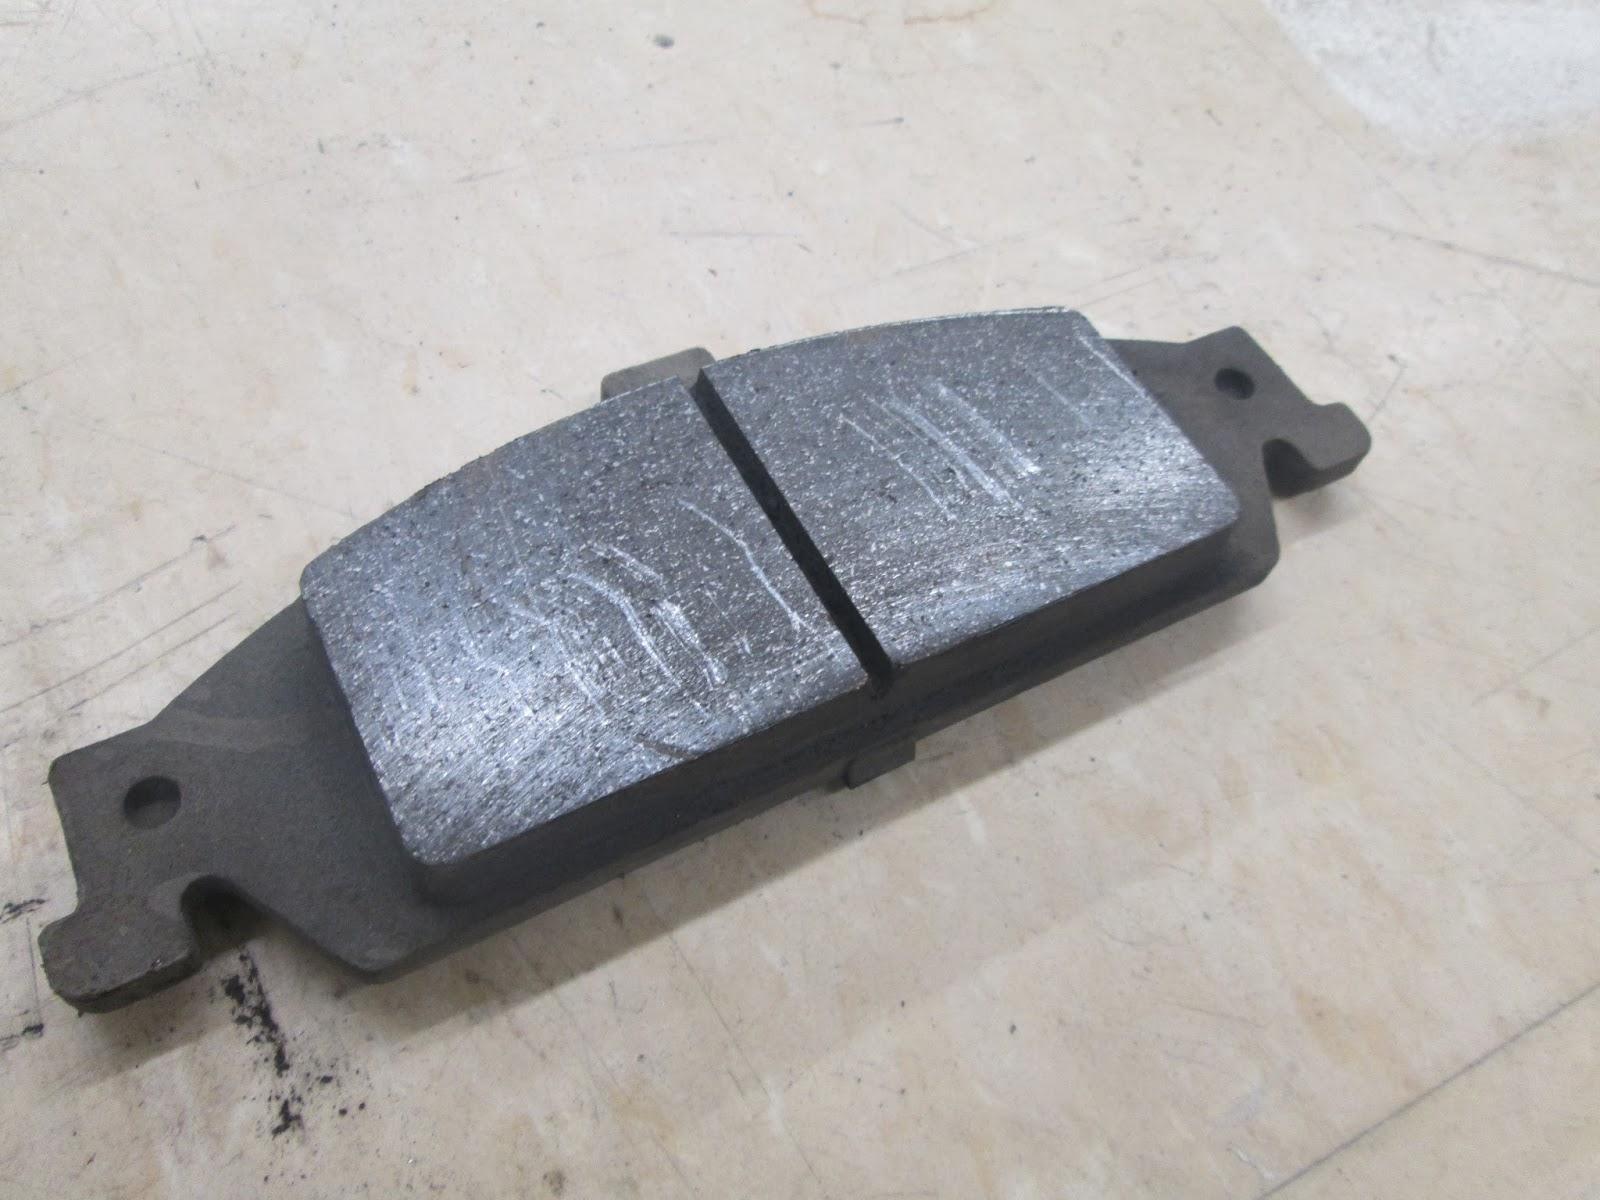 How a Magic Eraser Can Damage Your Car